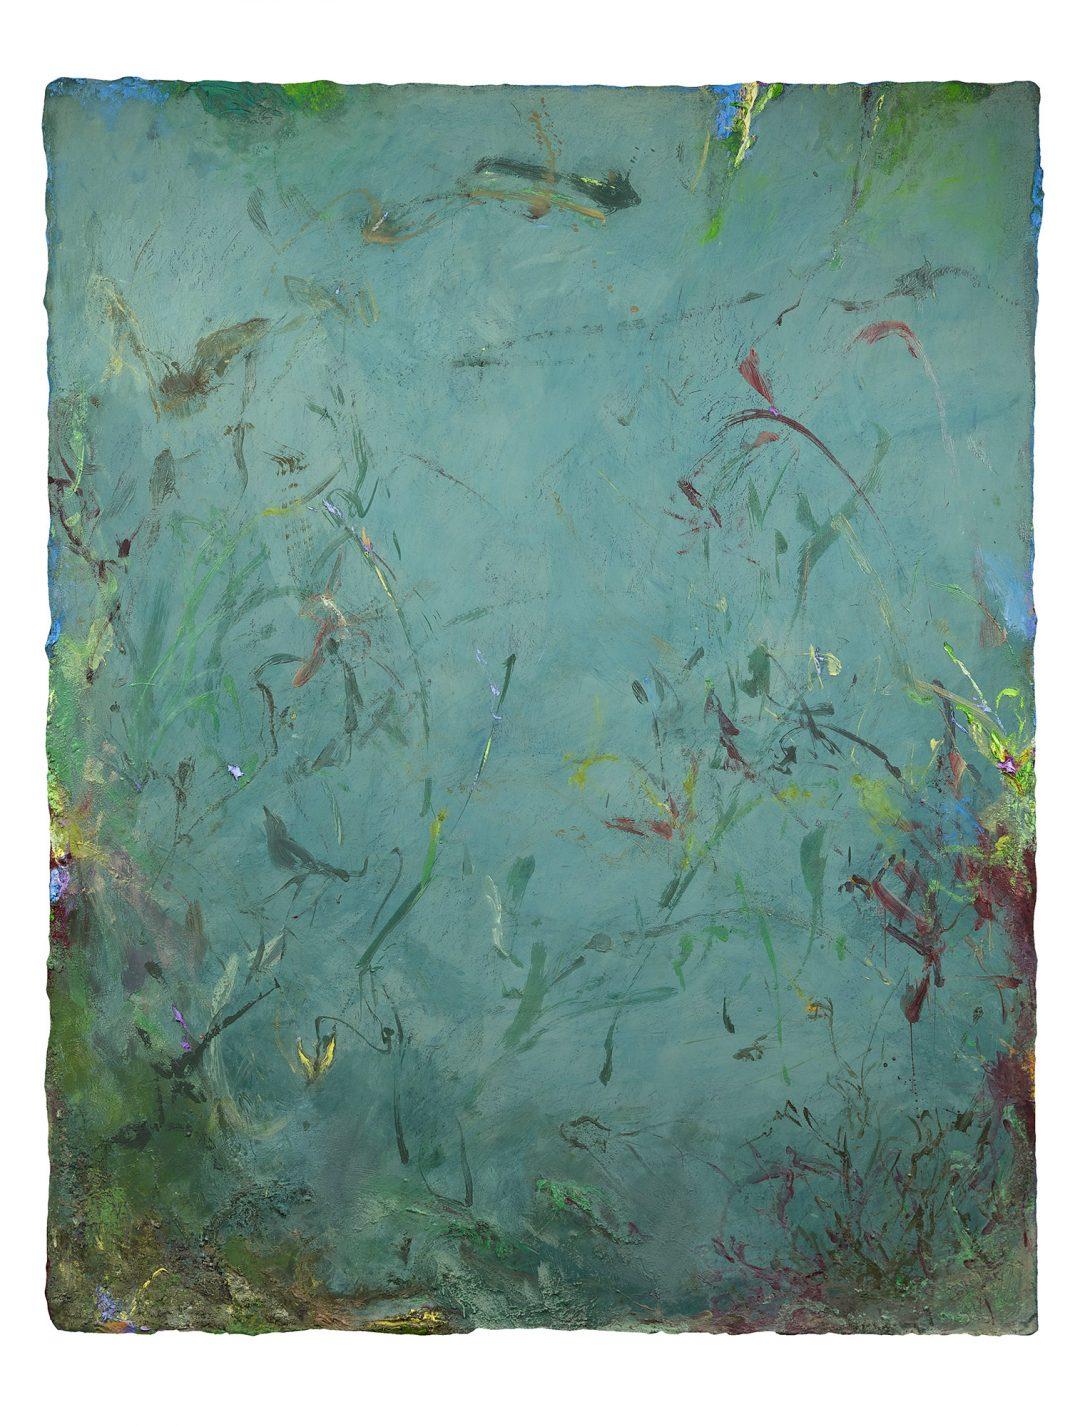 anne-manoli-2017-peinture-cire-emulsion-et-huile-sur-bois-197cmx157cm-serie-sauvage-est-le-vent-galerie-nicolas-deman-paris-collection-particuliere-